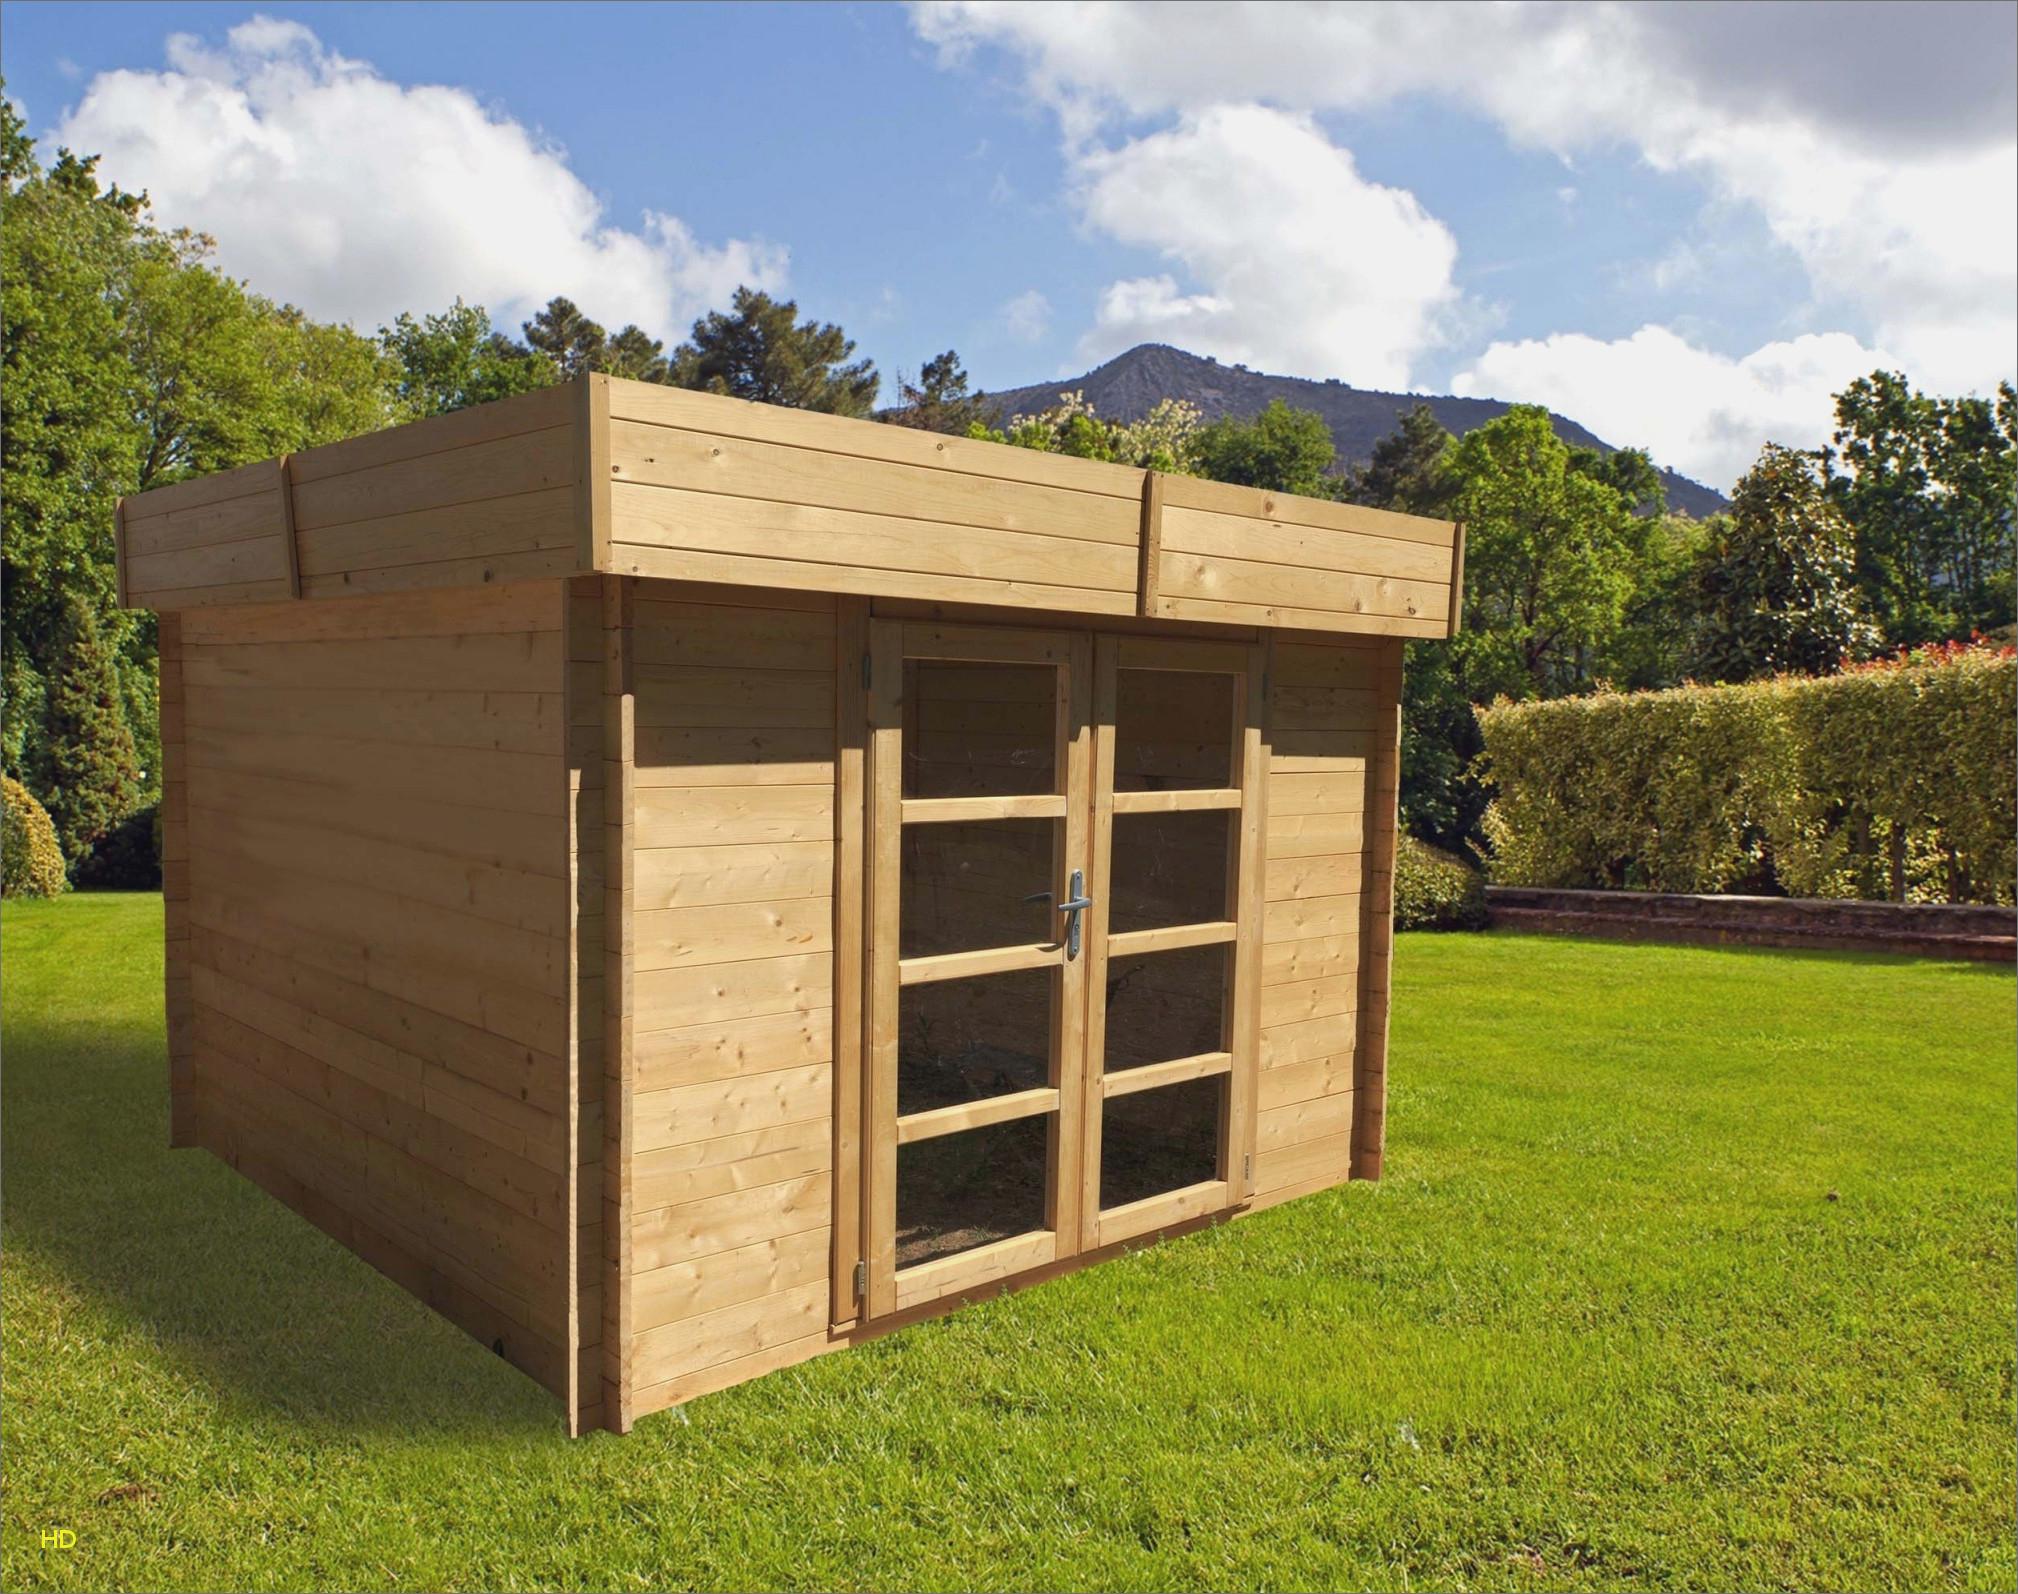 Cache Paumelle Castorama Inspirant Images Fabriquer son Abri De Jardin En Bois Construire son Abri De Jardin